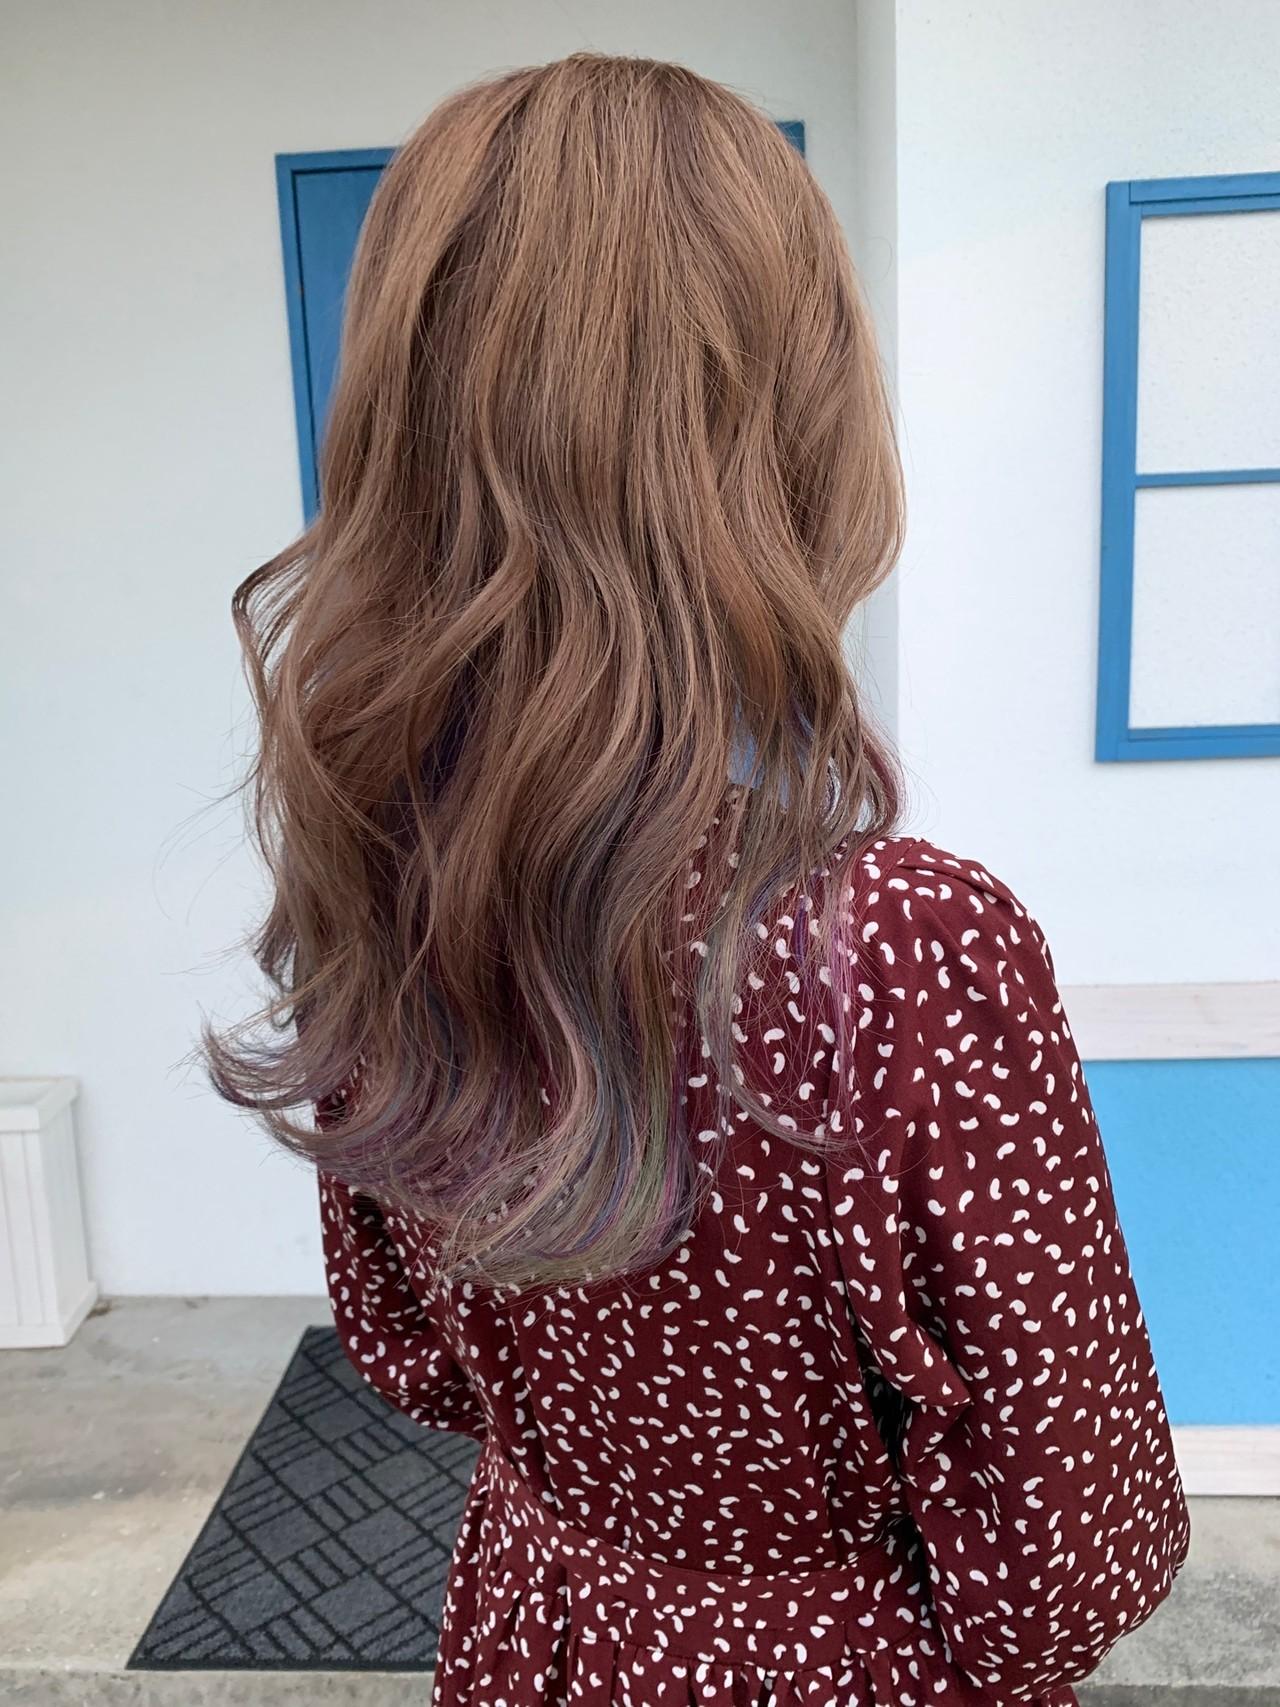 ユニコーンカラー インナーカラー ダブルカラー フェミニン ヘアスタイルや髪型の写真・画像